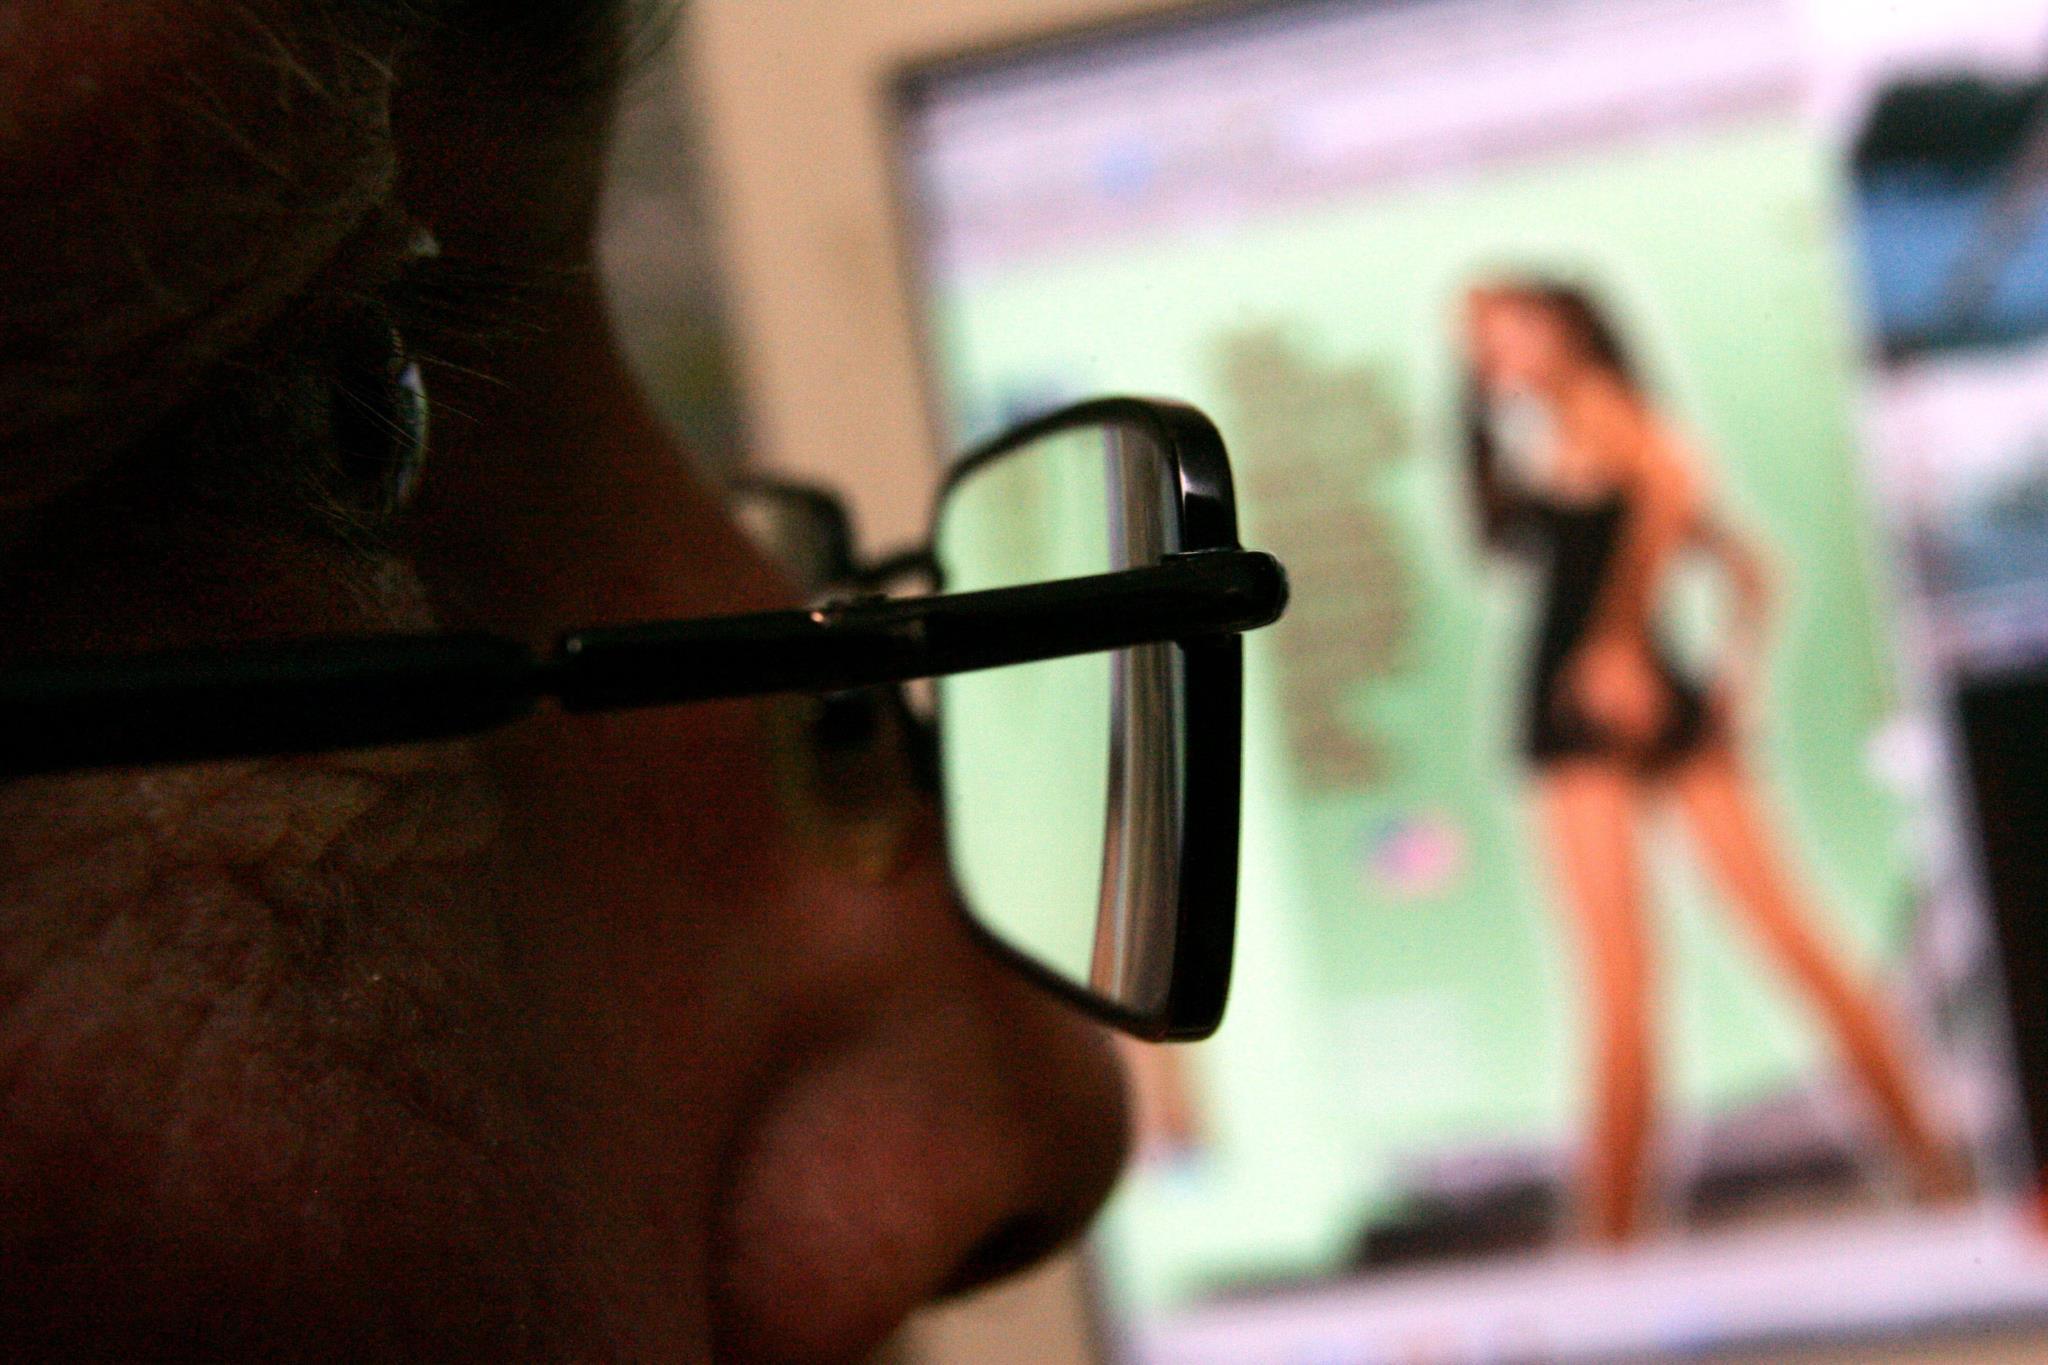 Os homens que criam perfis falsos tendem a dizer que são mais novos